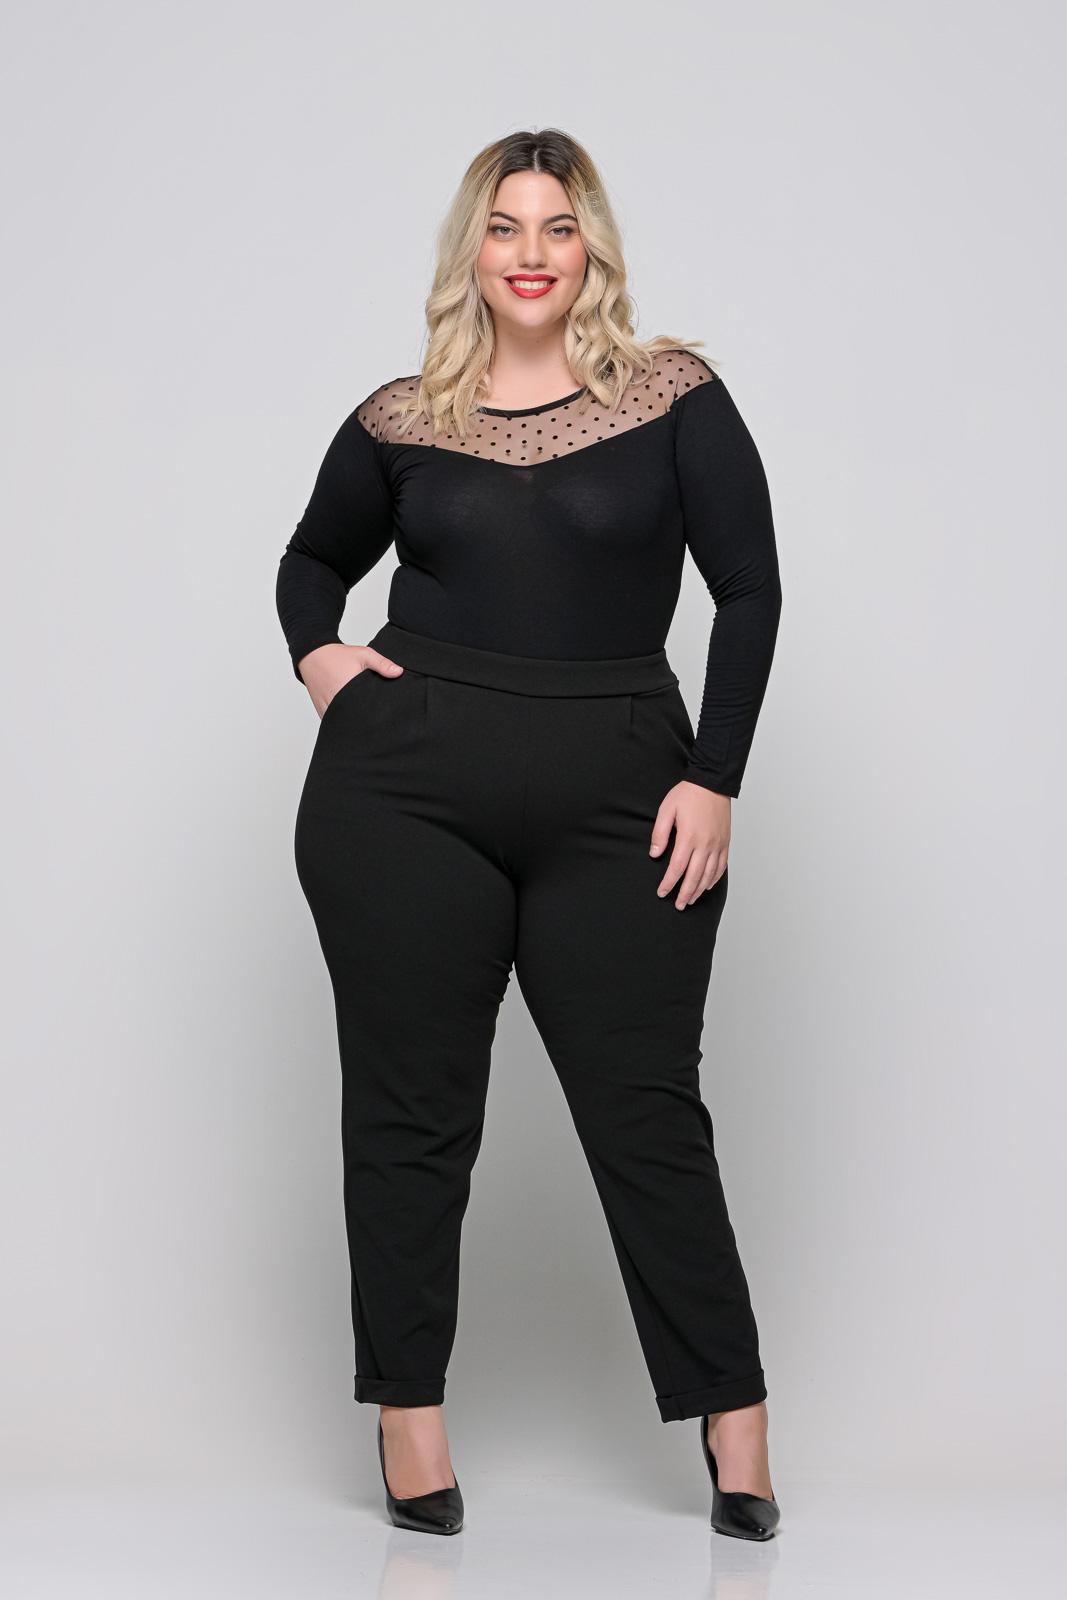 Κορμάκι μεγάλα μεγέθη μαύρο με πουά διαφάνεια στους ώμους.Στο eshop μας θα βρείτε οικονομικά γυναίκεια ρούχα σε μεγάλα μεγέθη και υπερμεγέθη.